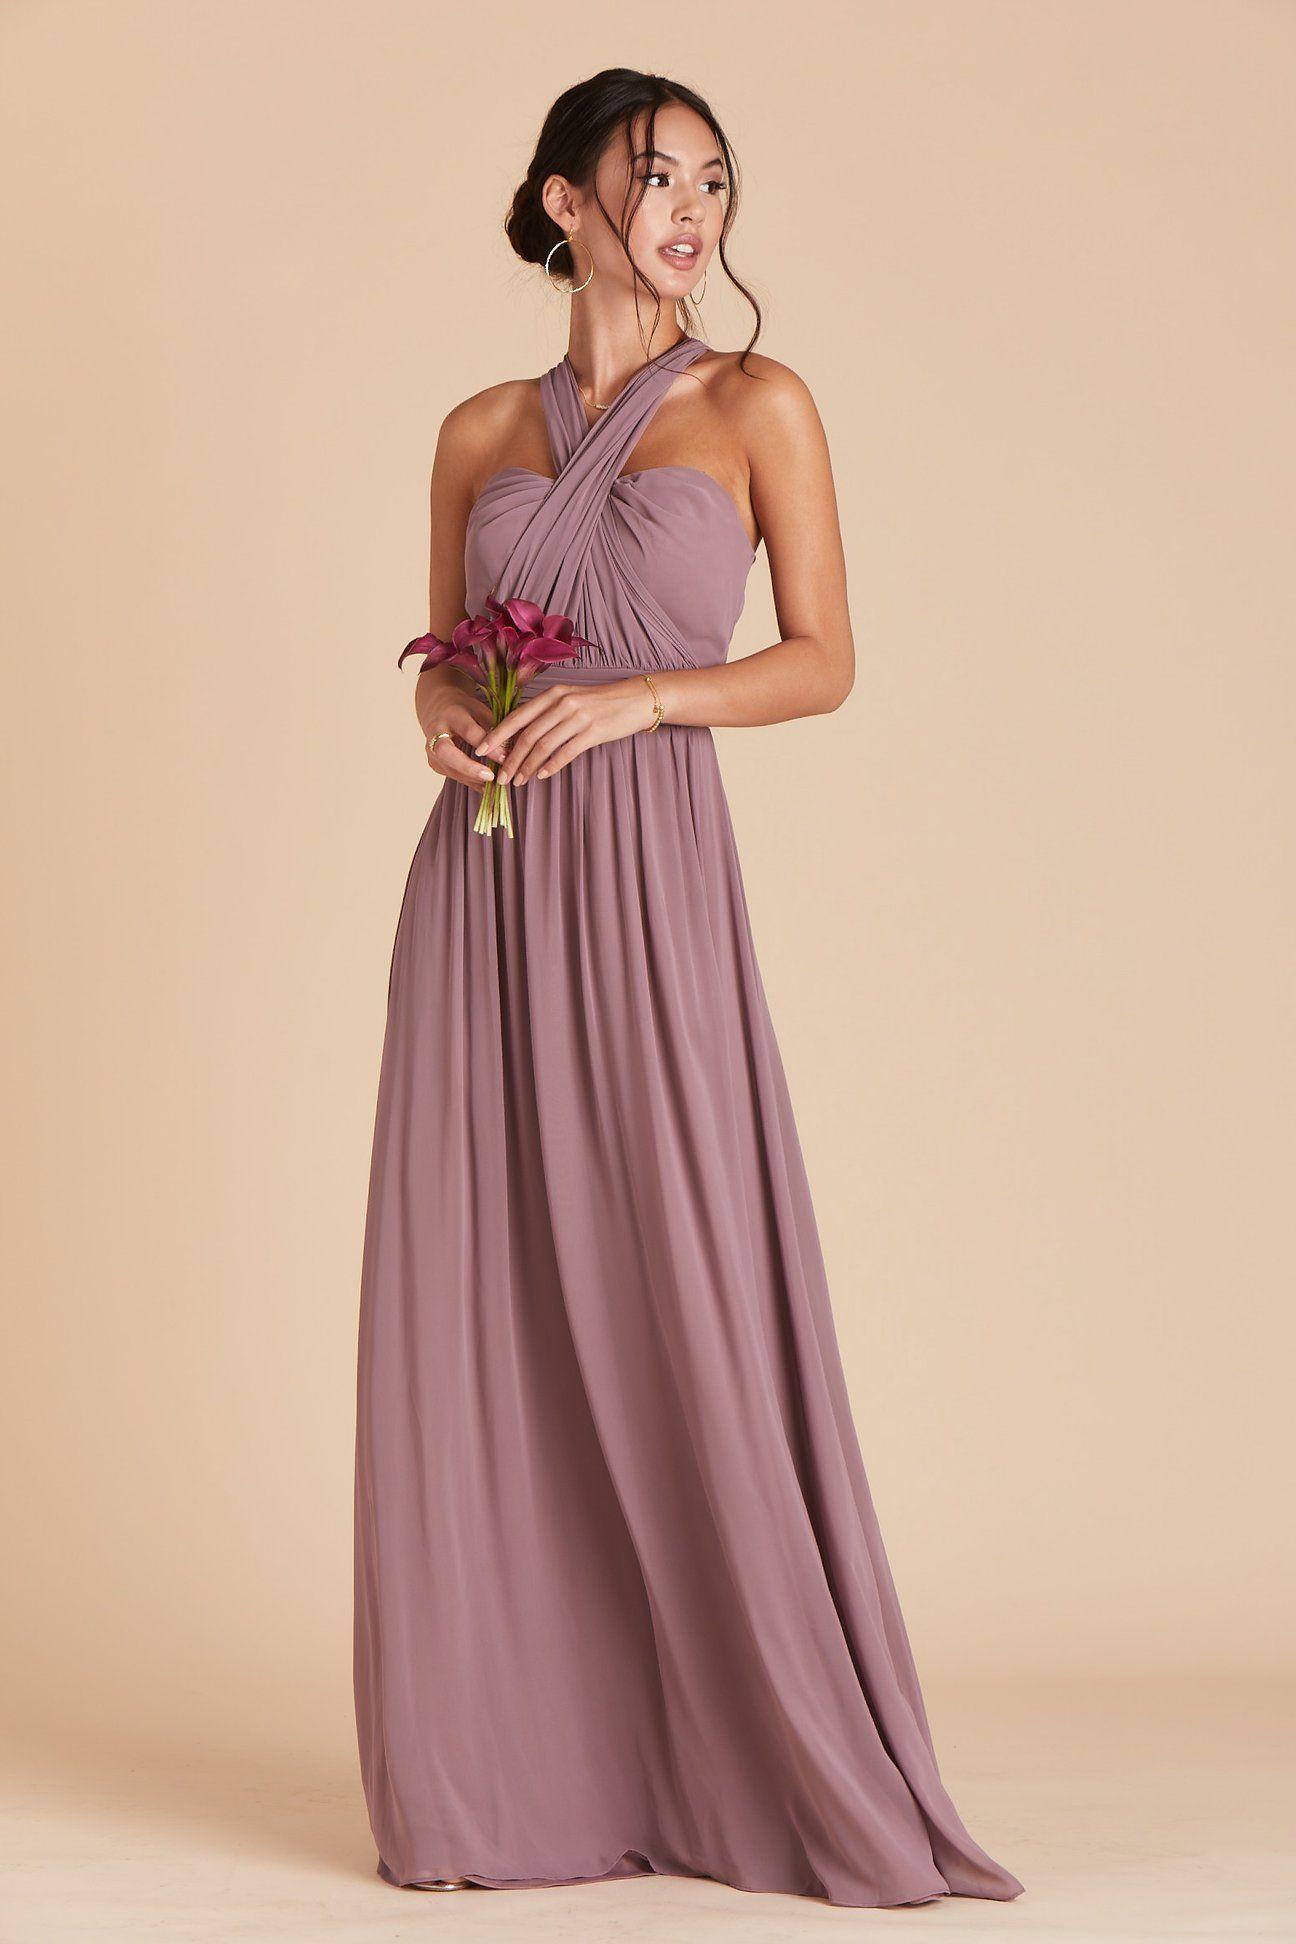 Grace convertible dress dark mauve grey bridesmaid